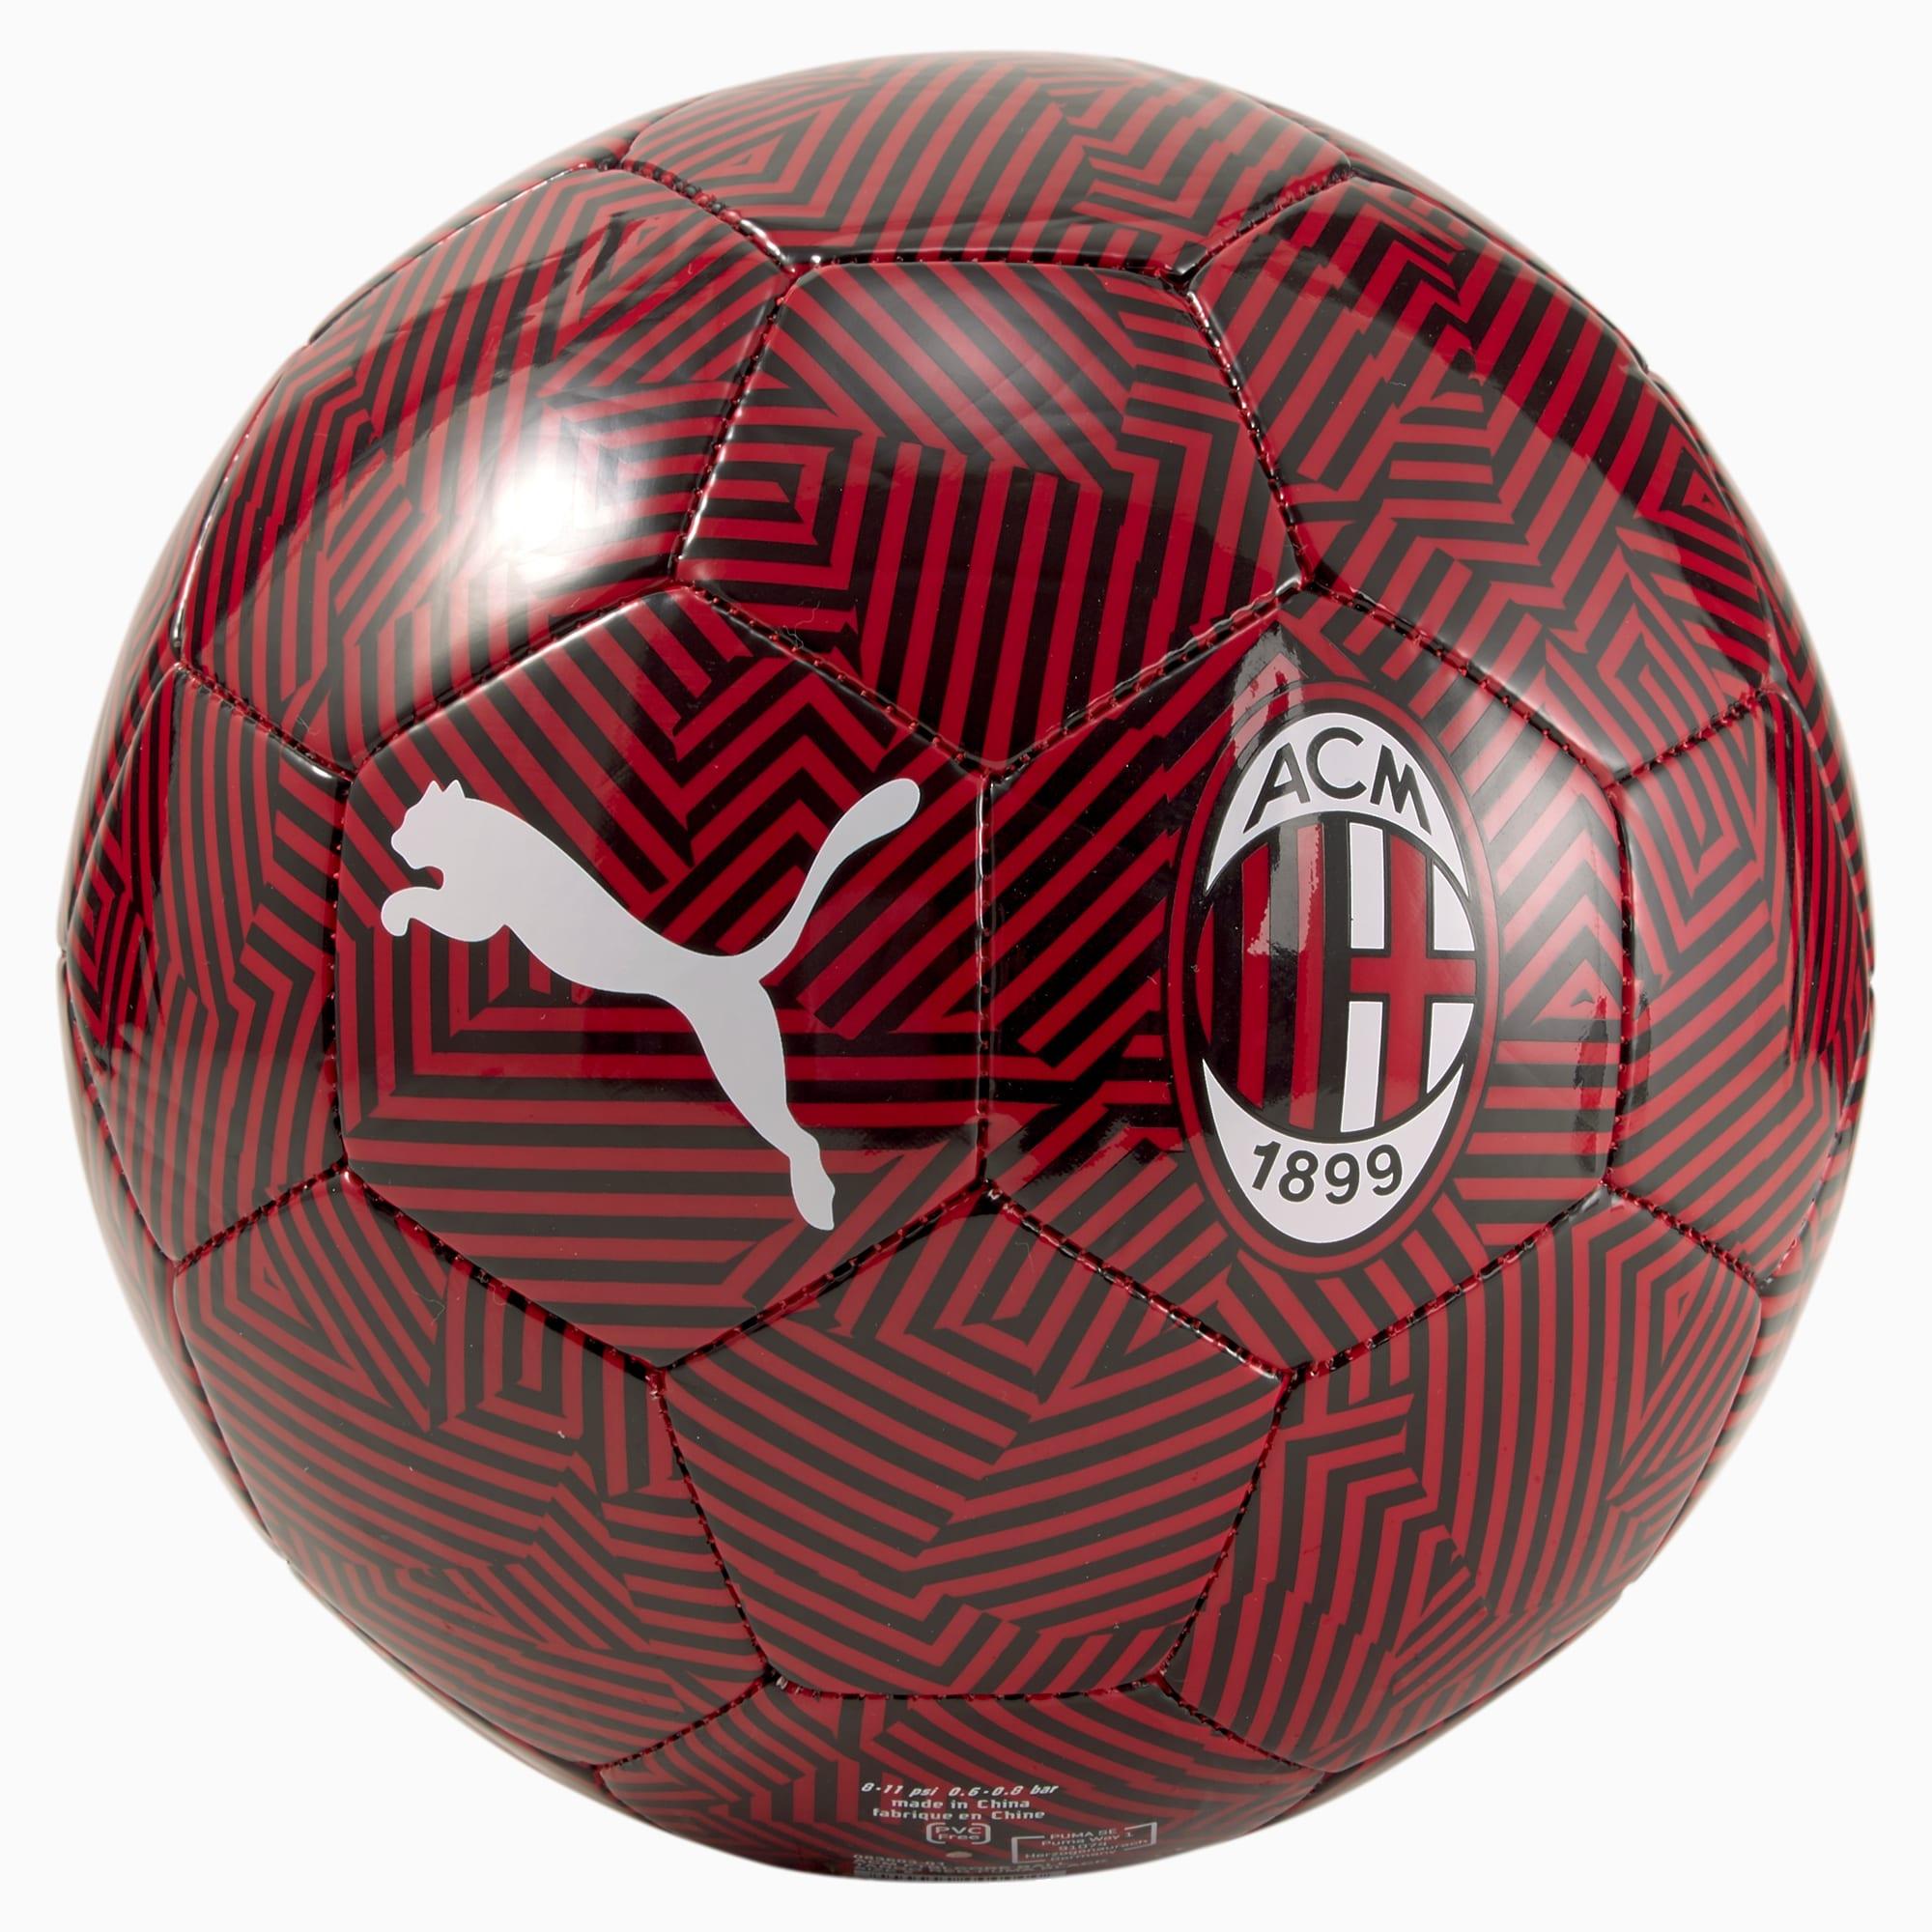 Pallone da training ACM FtblCore, Nero/Rosso, Taglia 4   PUMA